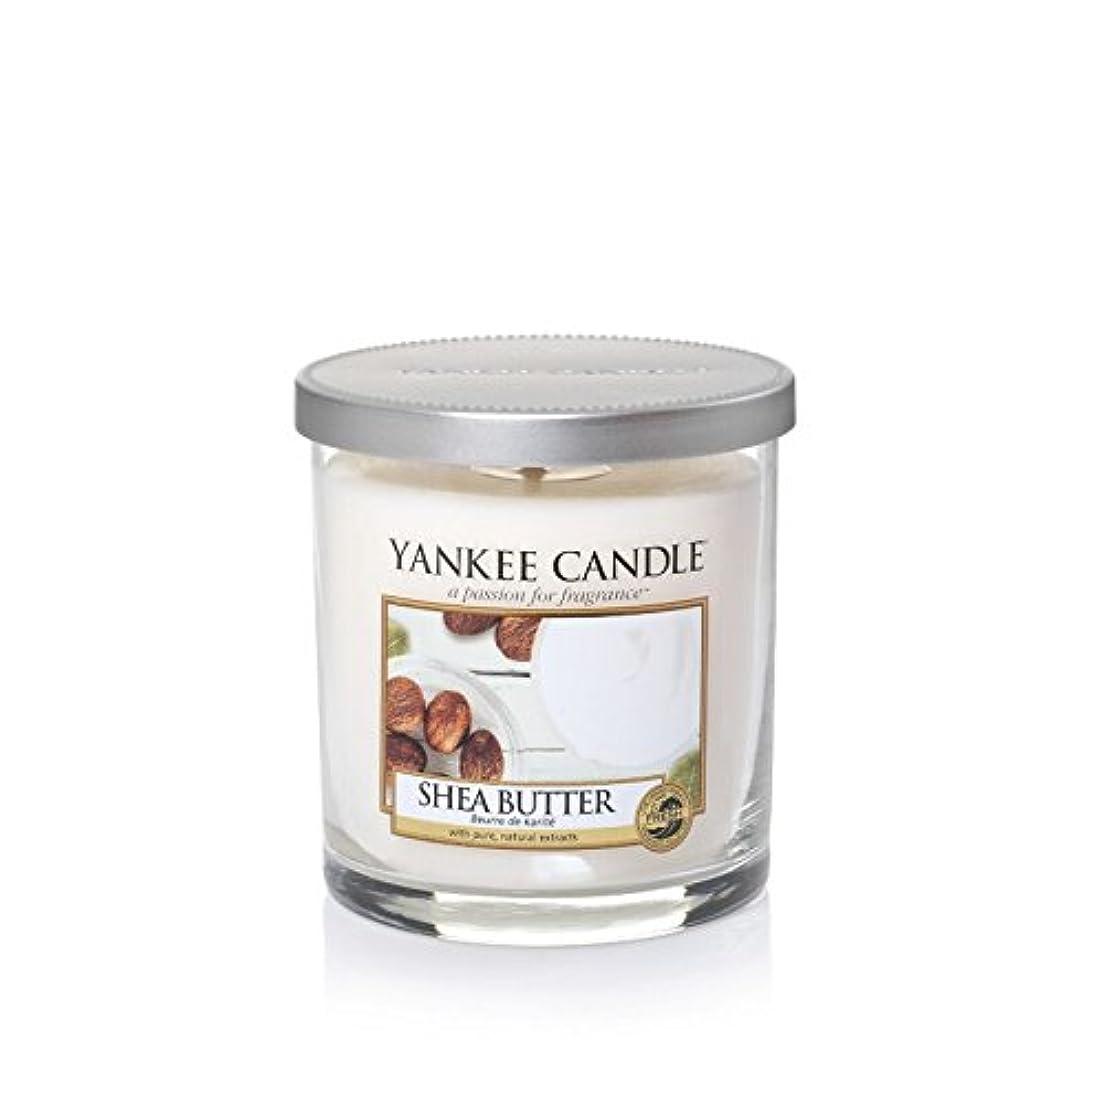 強打驚いたことに防止ヤンキーキャンドルの小さな柱キャンドル - シアバター - Yankee Candles Small Pillar Candle - Shea Butter (Yankee Candles) [並行輸入品]